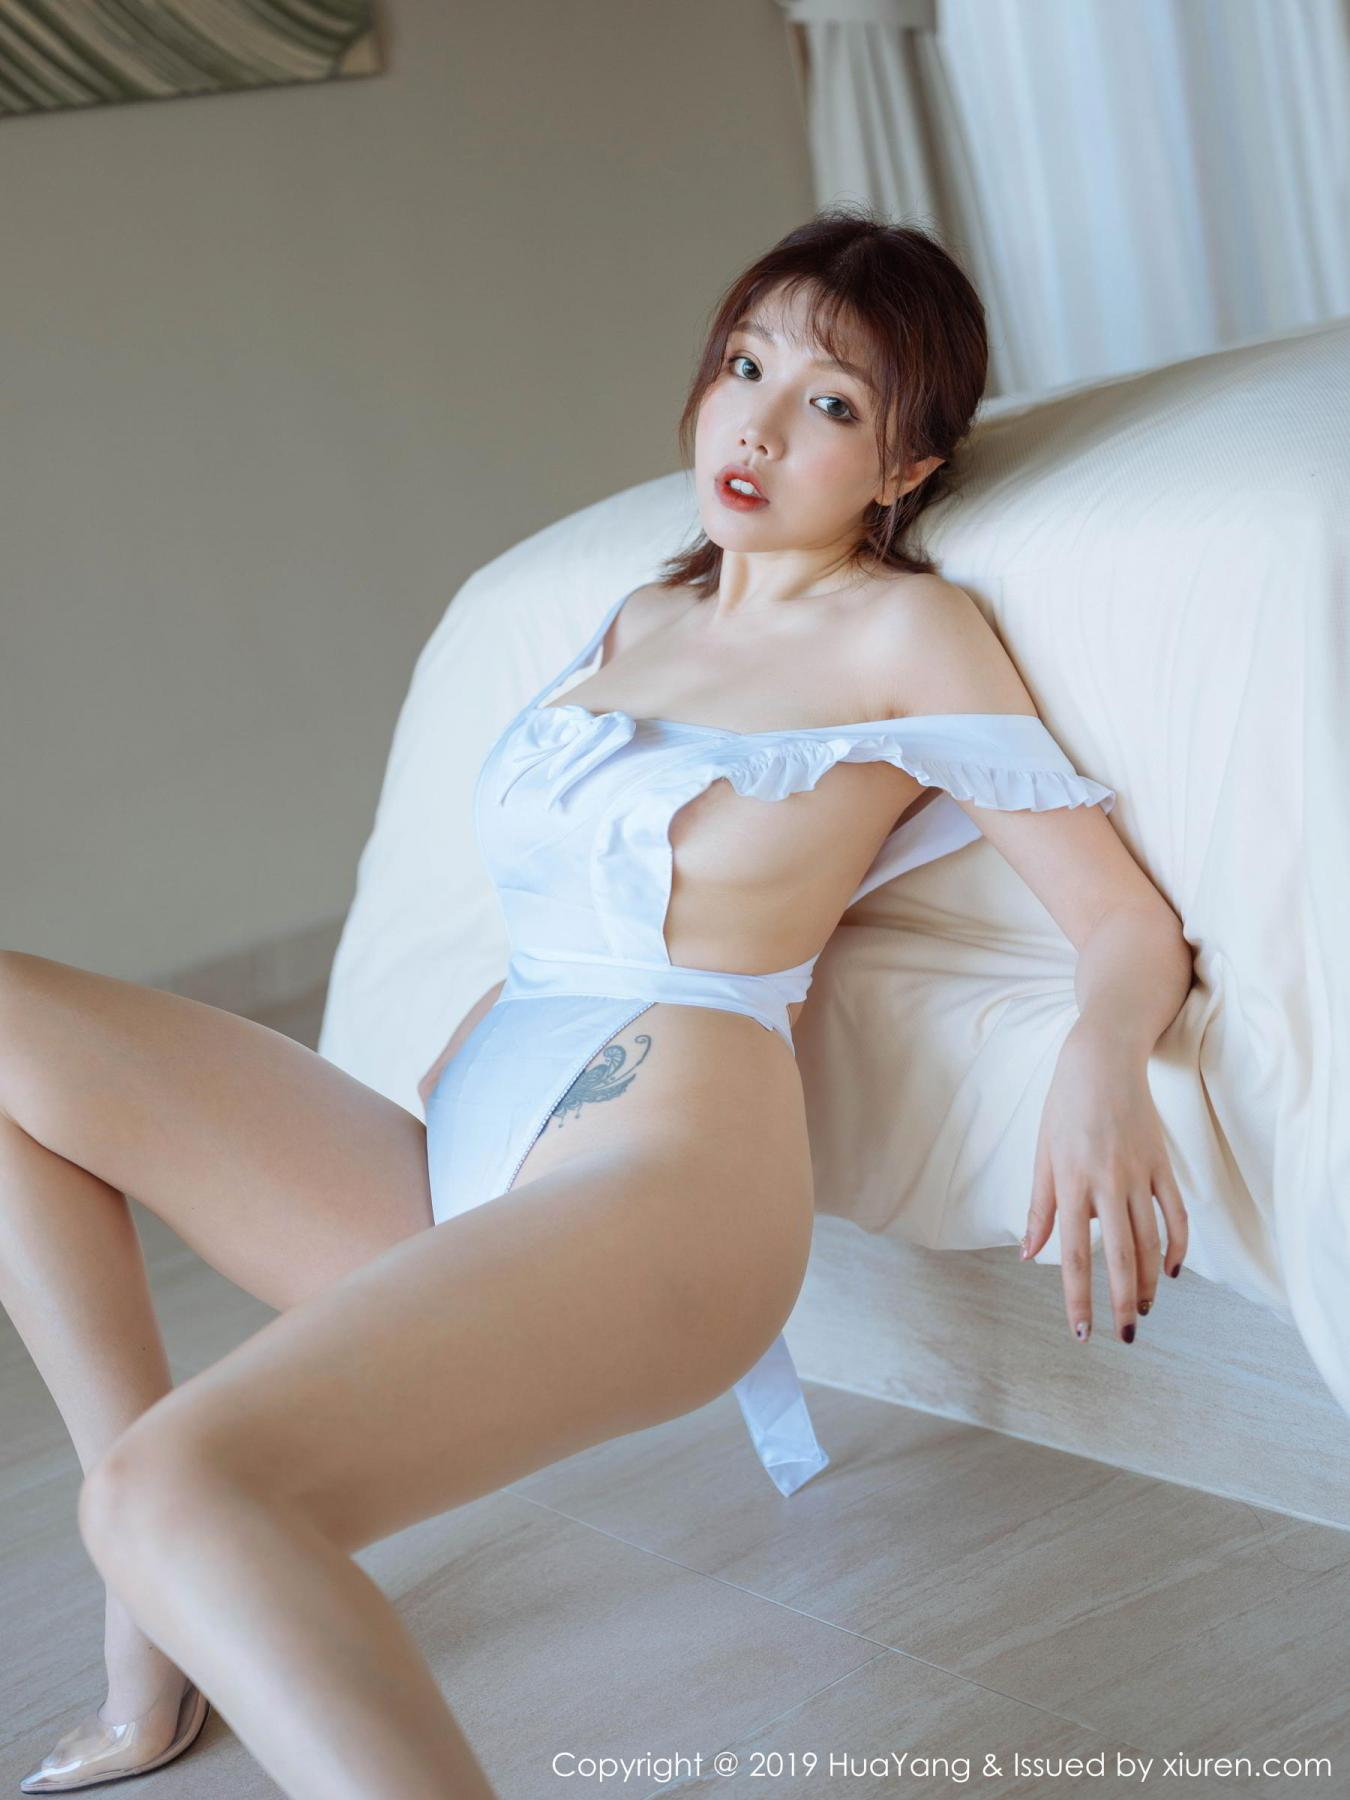 [Huayang] Vol.134 Huang Le Ran 15P, Huang Le Ran, HuaYang, Maid, Sexy